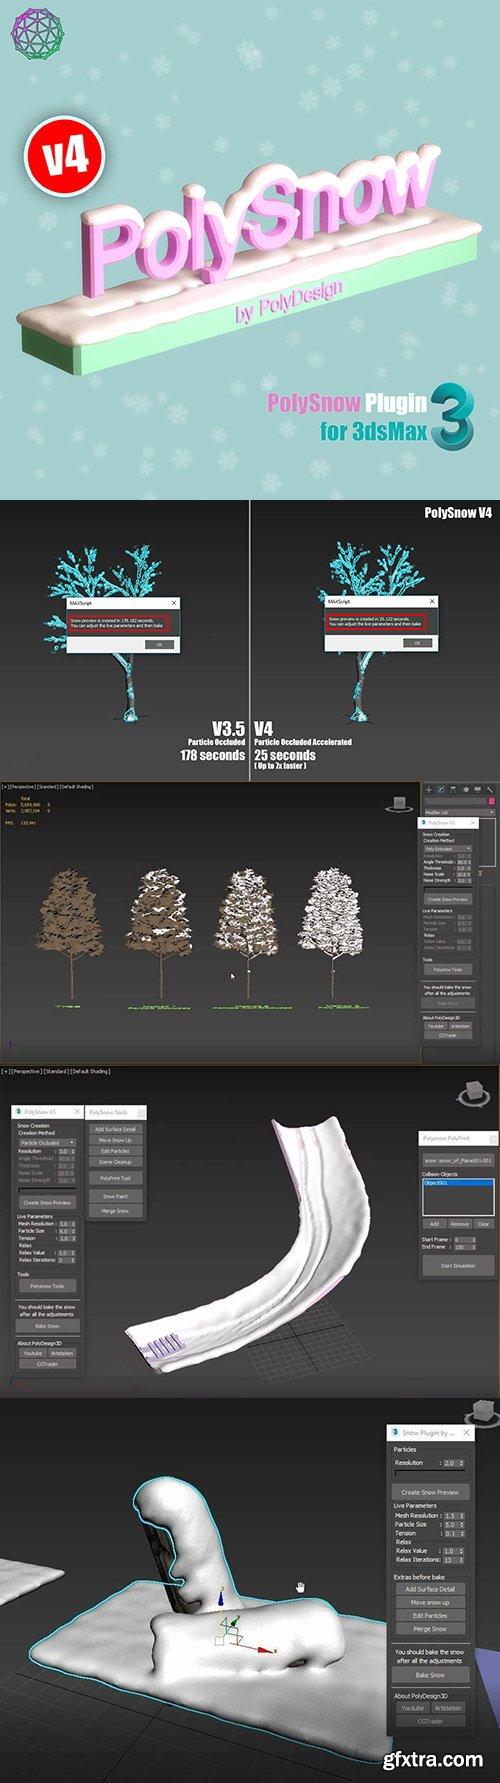 Cgtrader - PolySnow V4 for 3dsmax 3D model